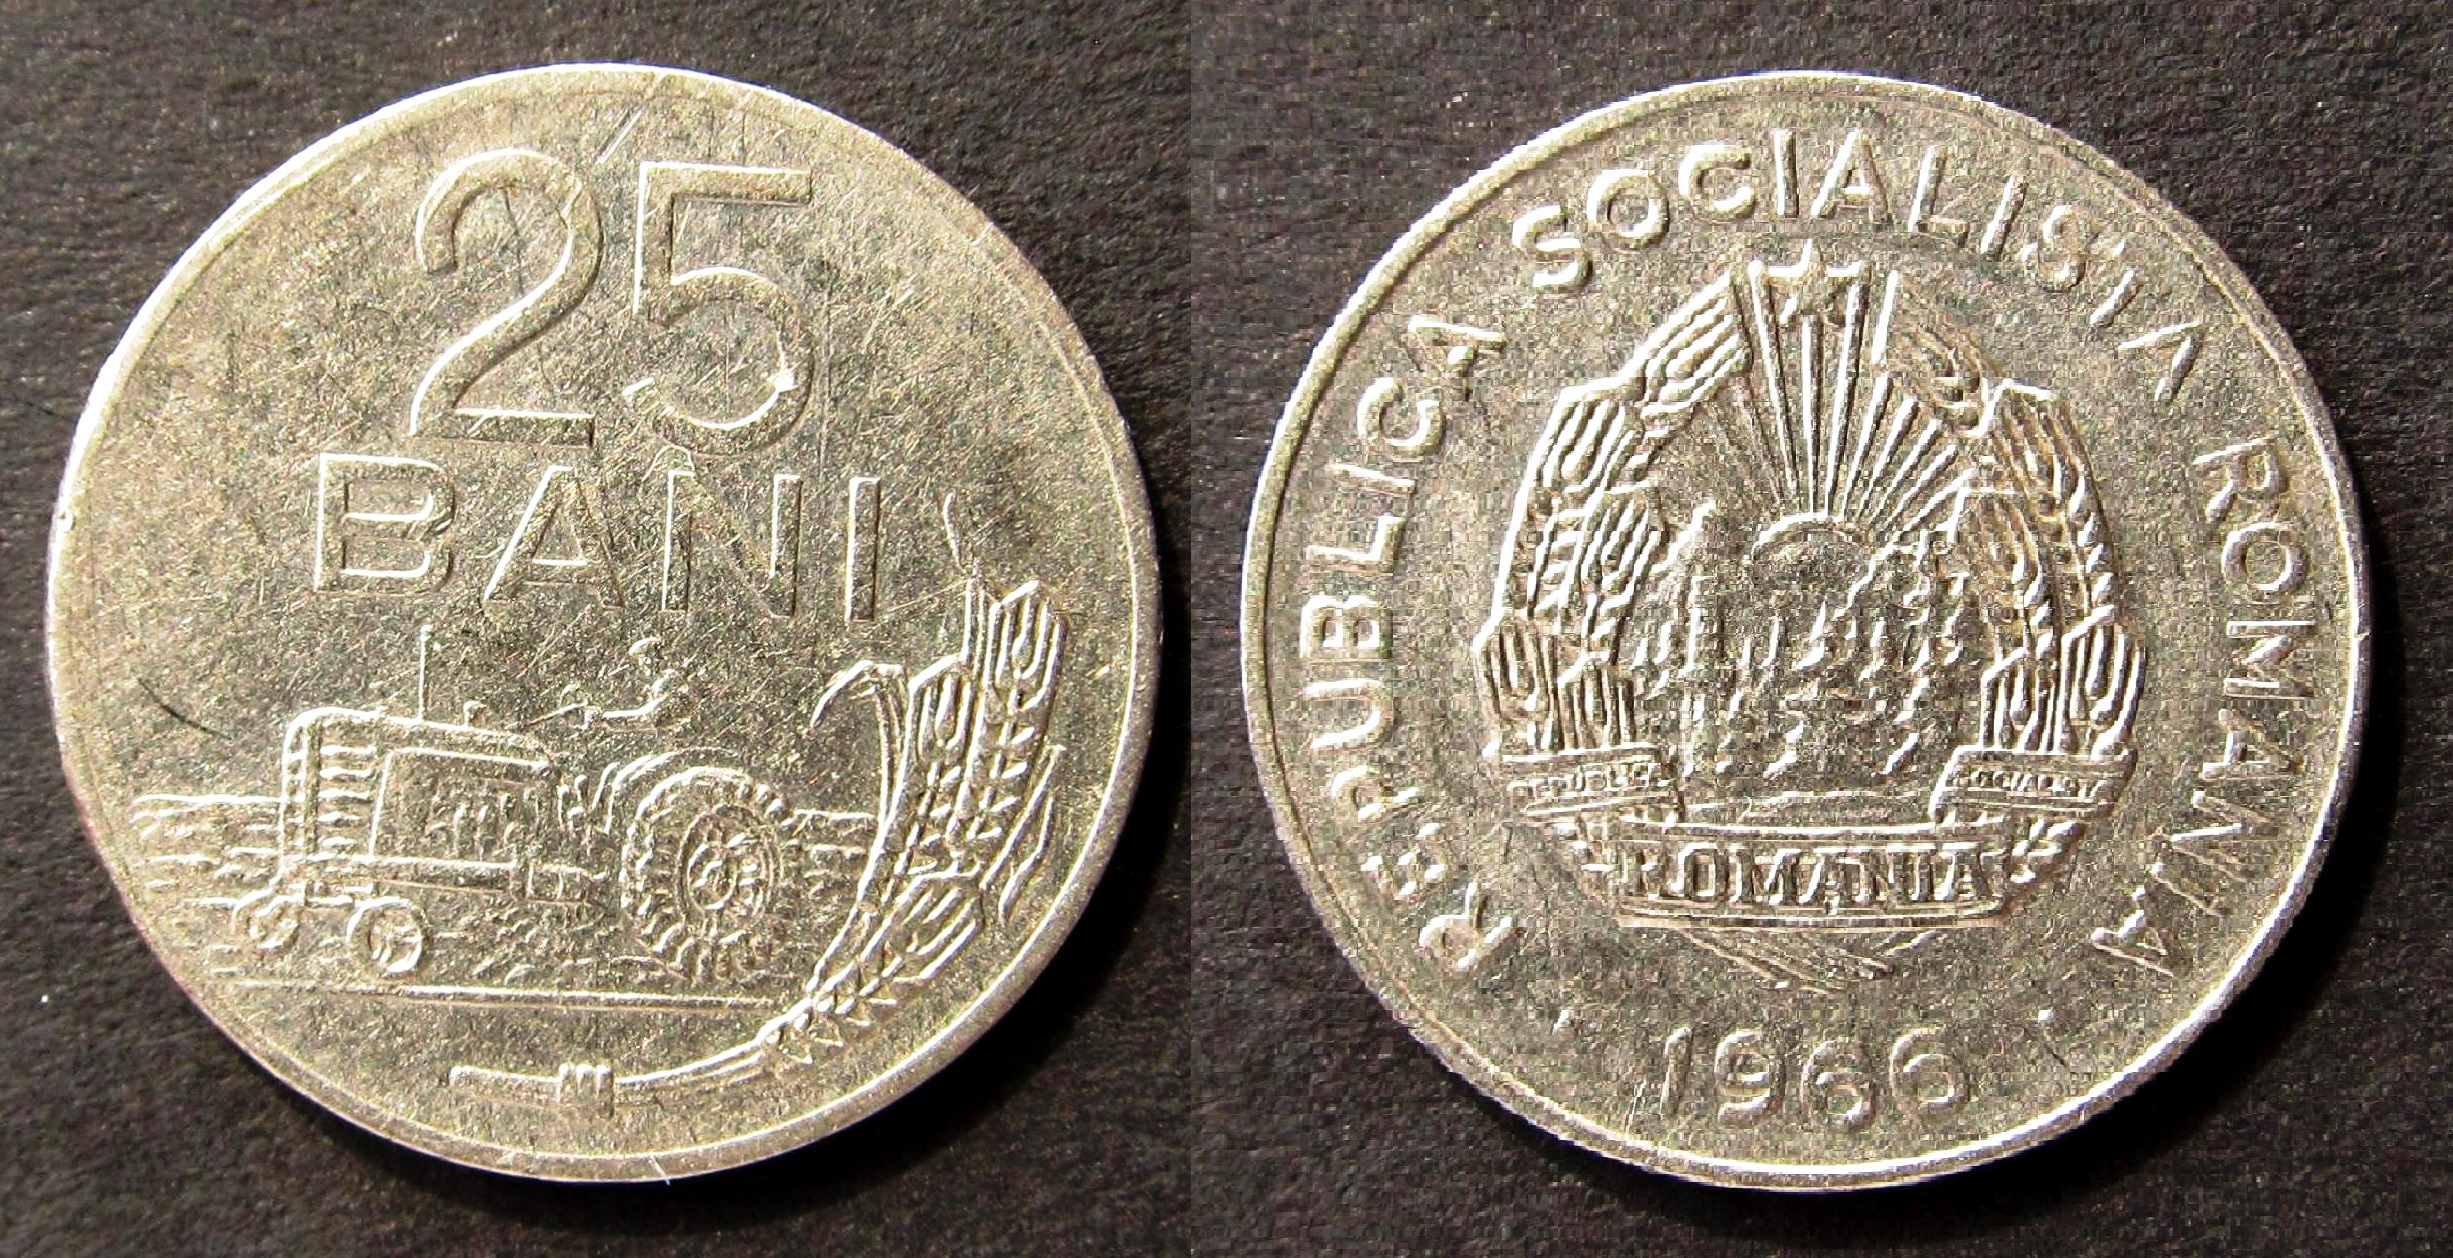 25 bani 1966 2 рубля 1722 года цена стоимость монеты